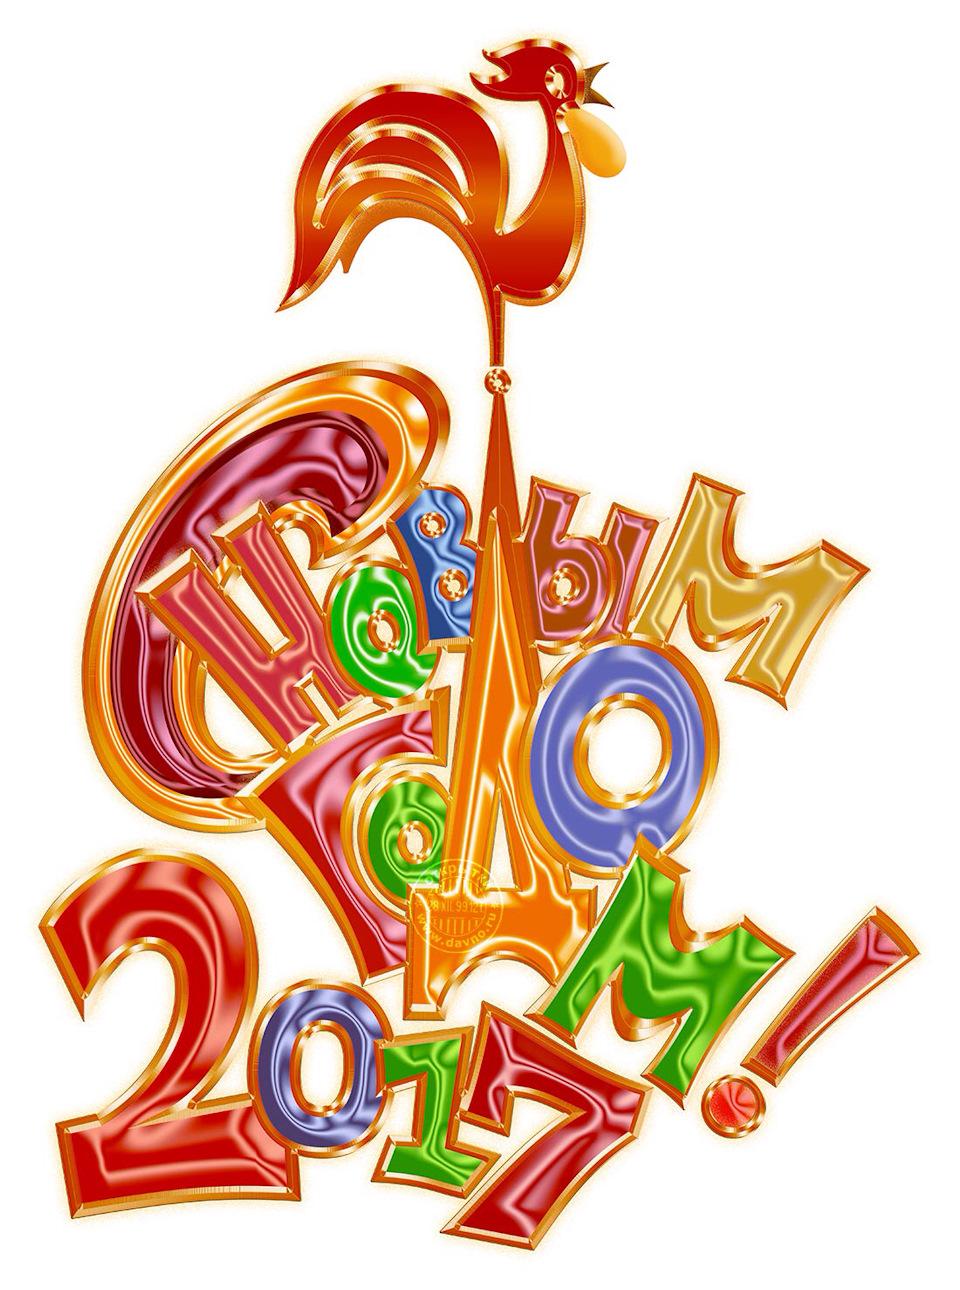 Картинка с надписью новый год 2017, солдаты